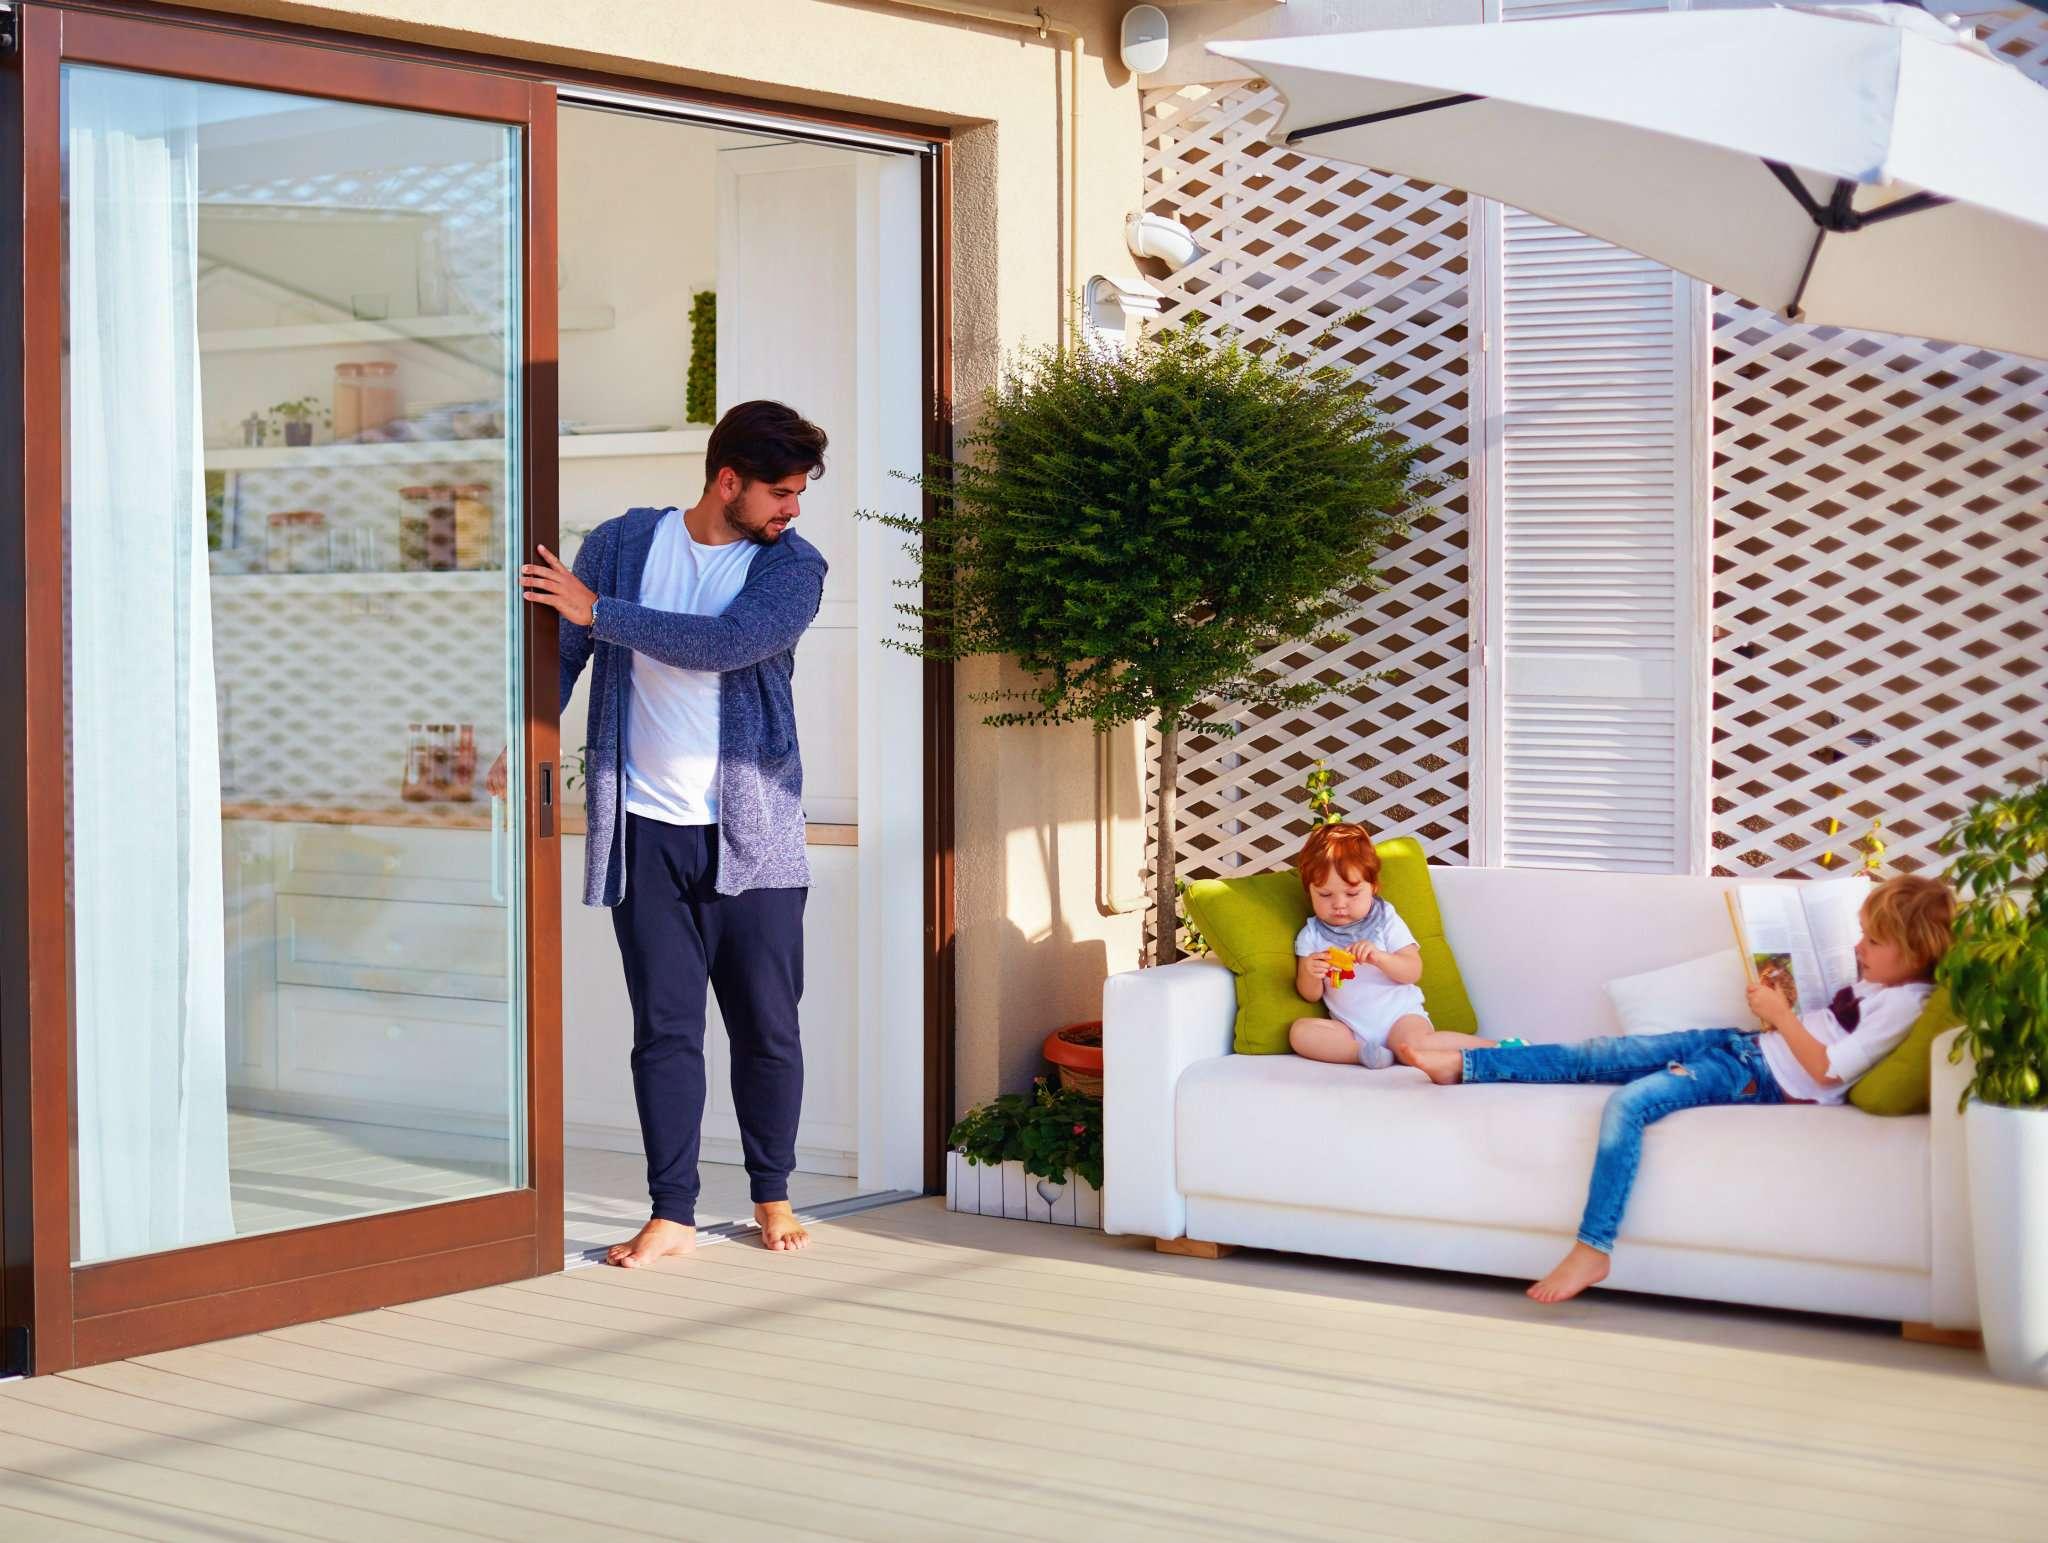 Appartamento in vendita a Bonate Sopra, 4 locali, prezzo € 263.000 | PortaleAgenzieImmobiliari.it